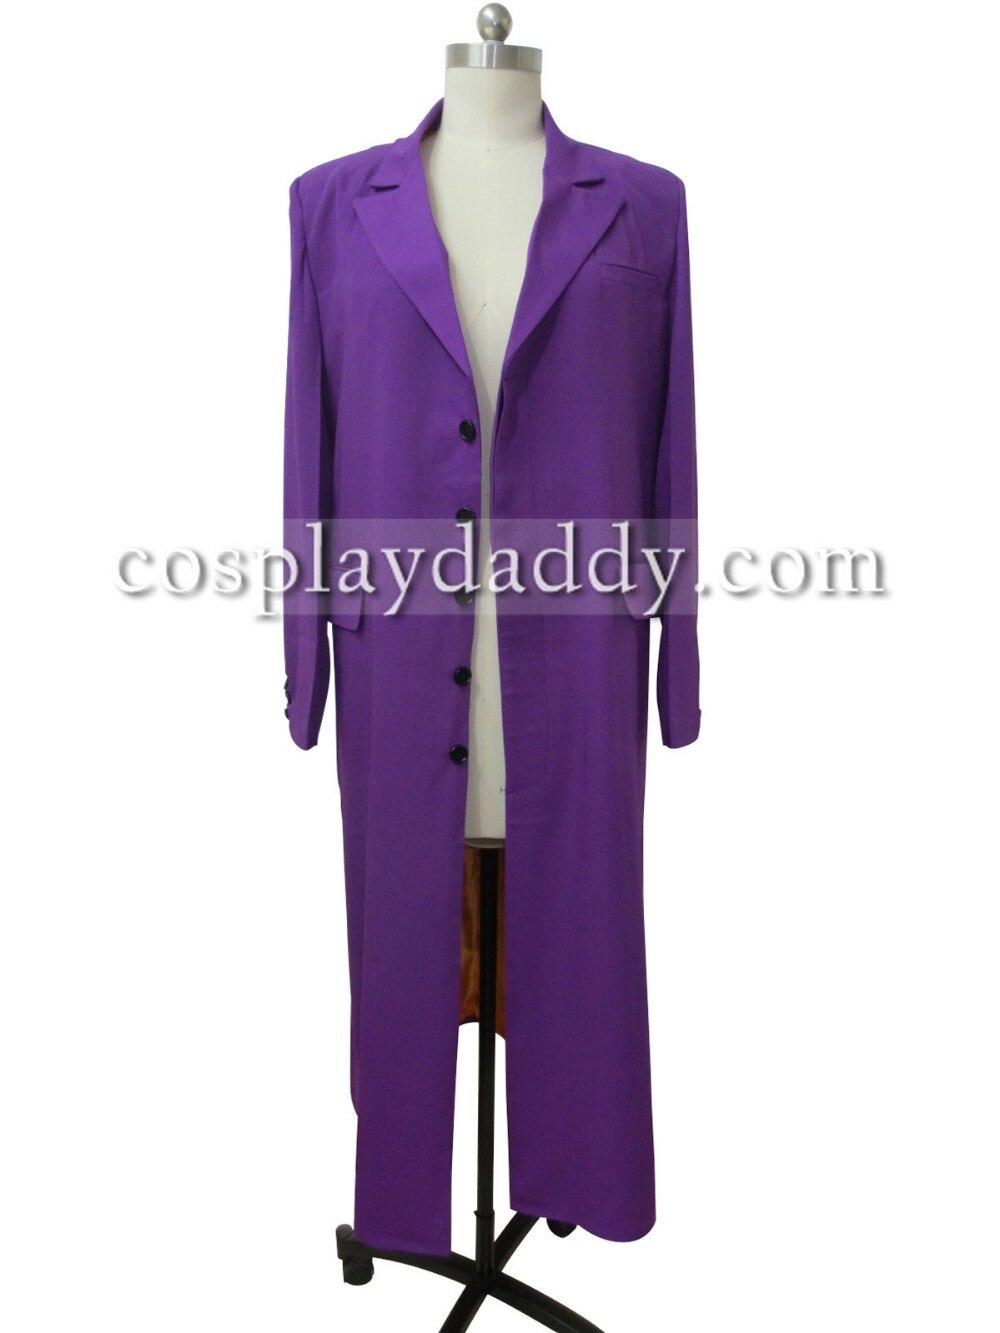 Batman Joker Purple Trench Coat Wool Party Suit Only Jacket